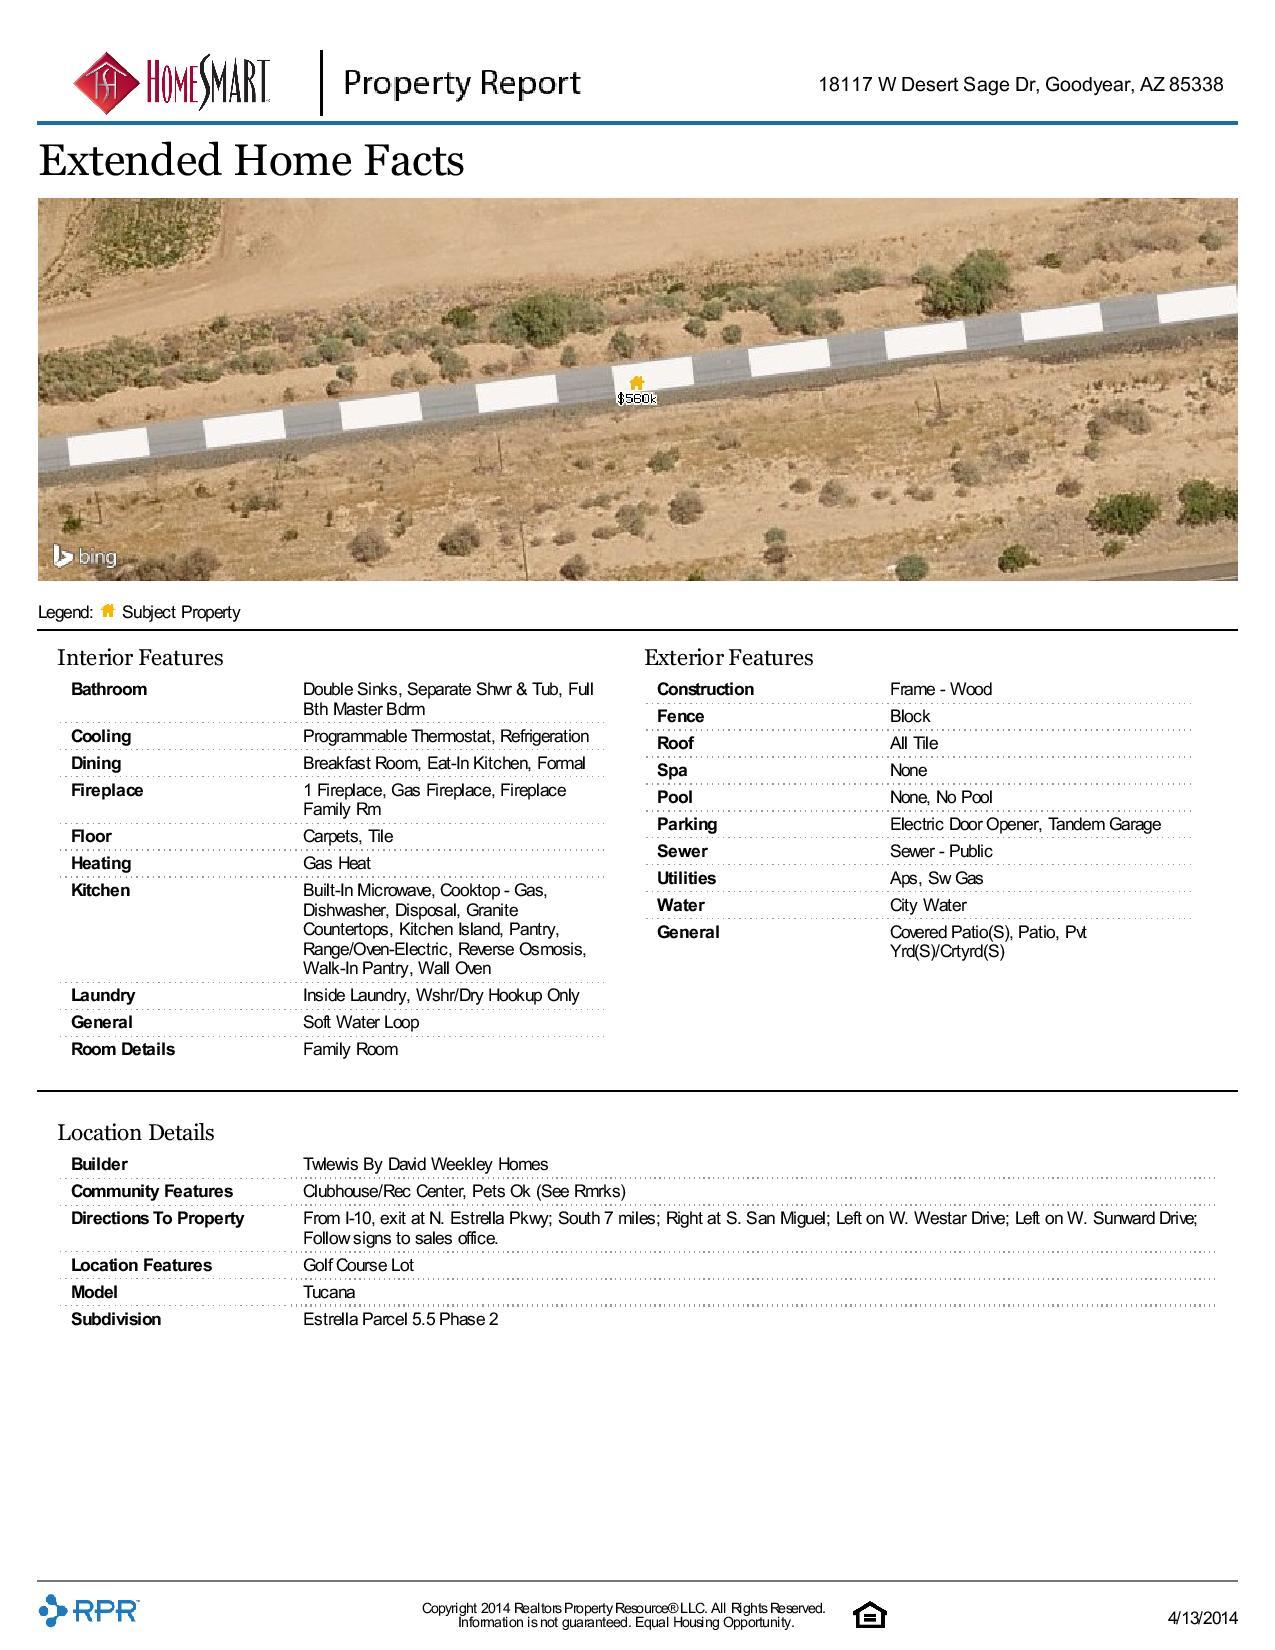 18117-W-Desert-Sage-Dr-Goodyear-AZ-85338-page-004